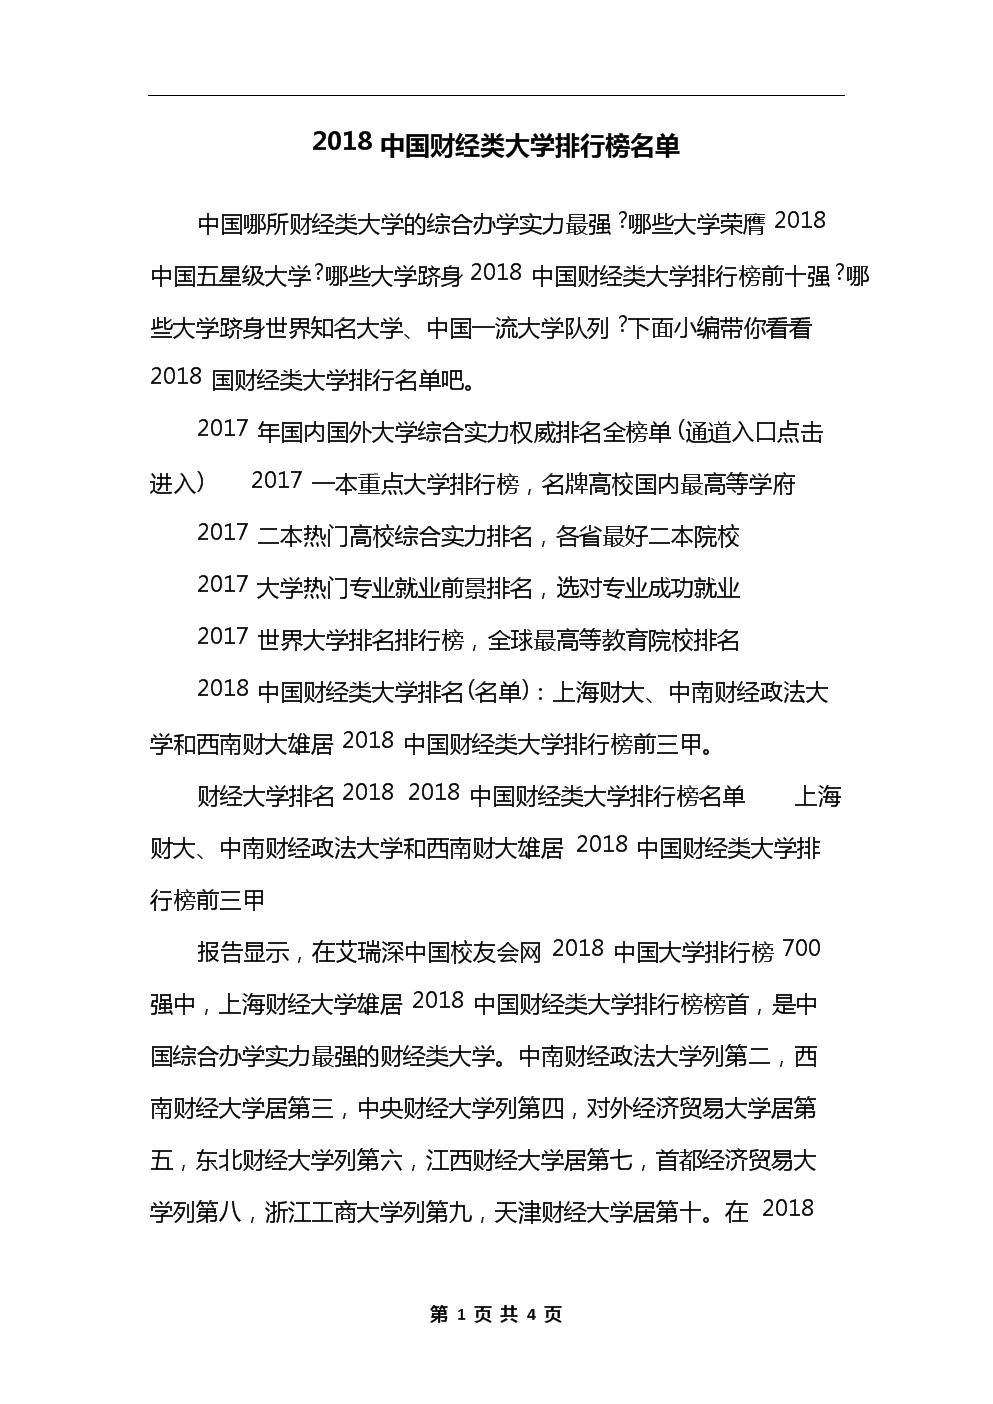 2018中国财经类大学排行榜名单.docx